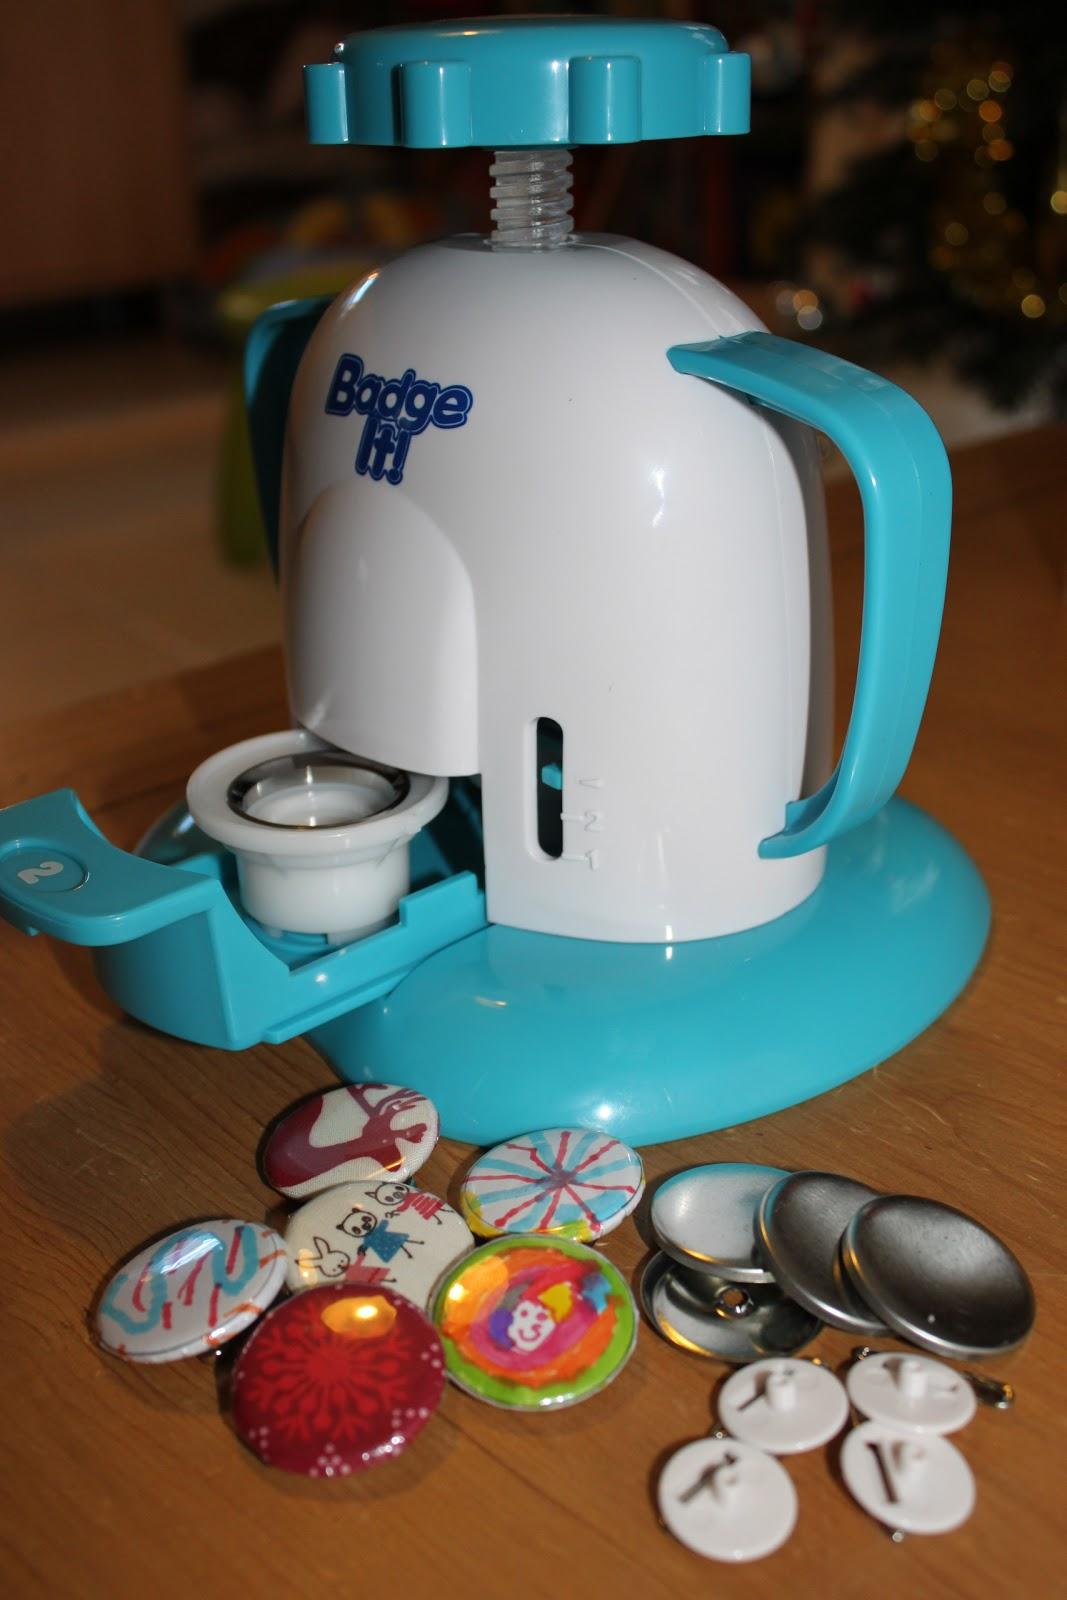 Petites coutures pour petites mains vous avez dit badge it - Machine pour faire des badges ...